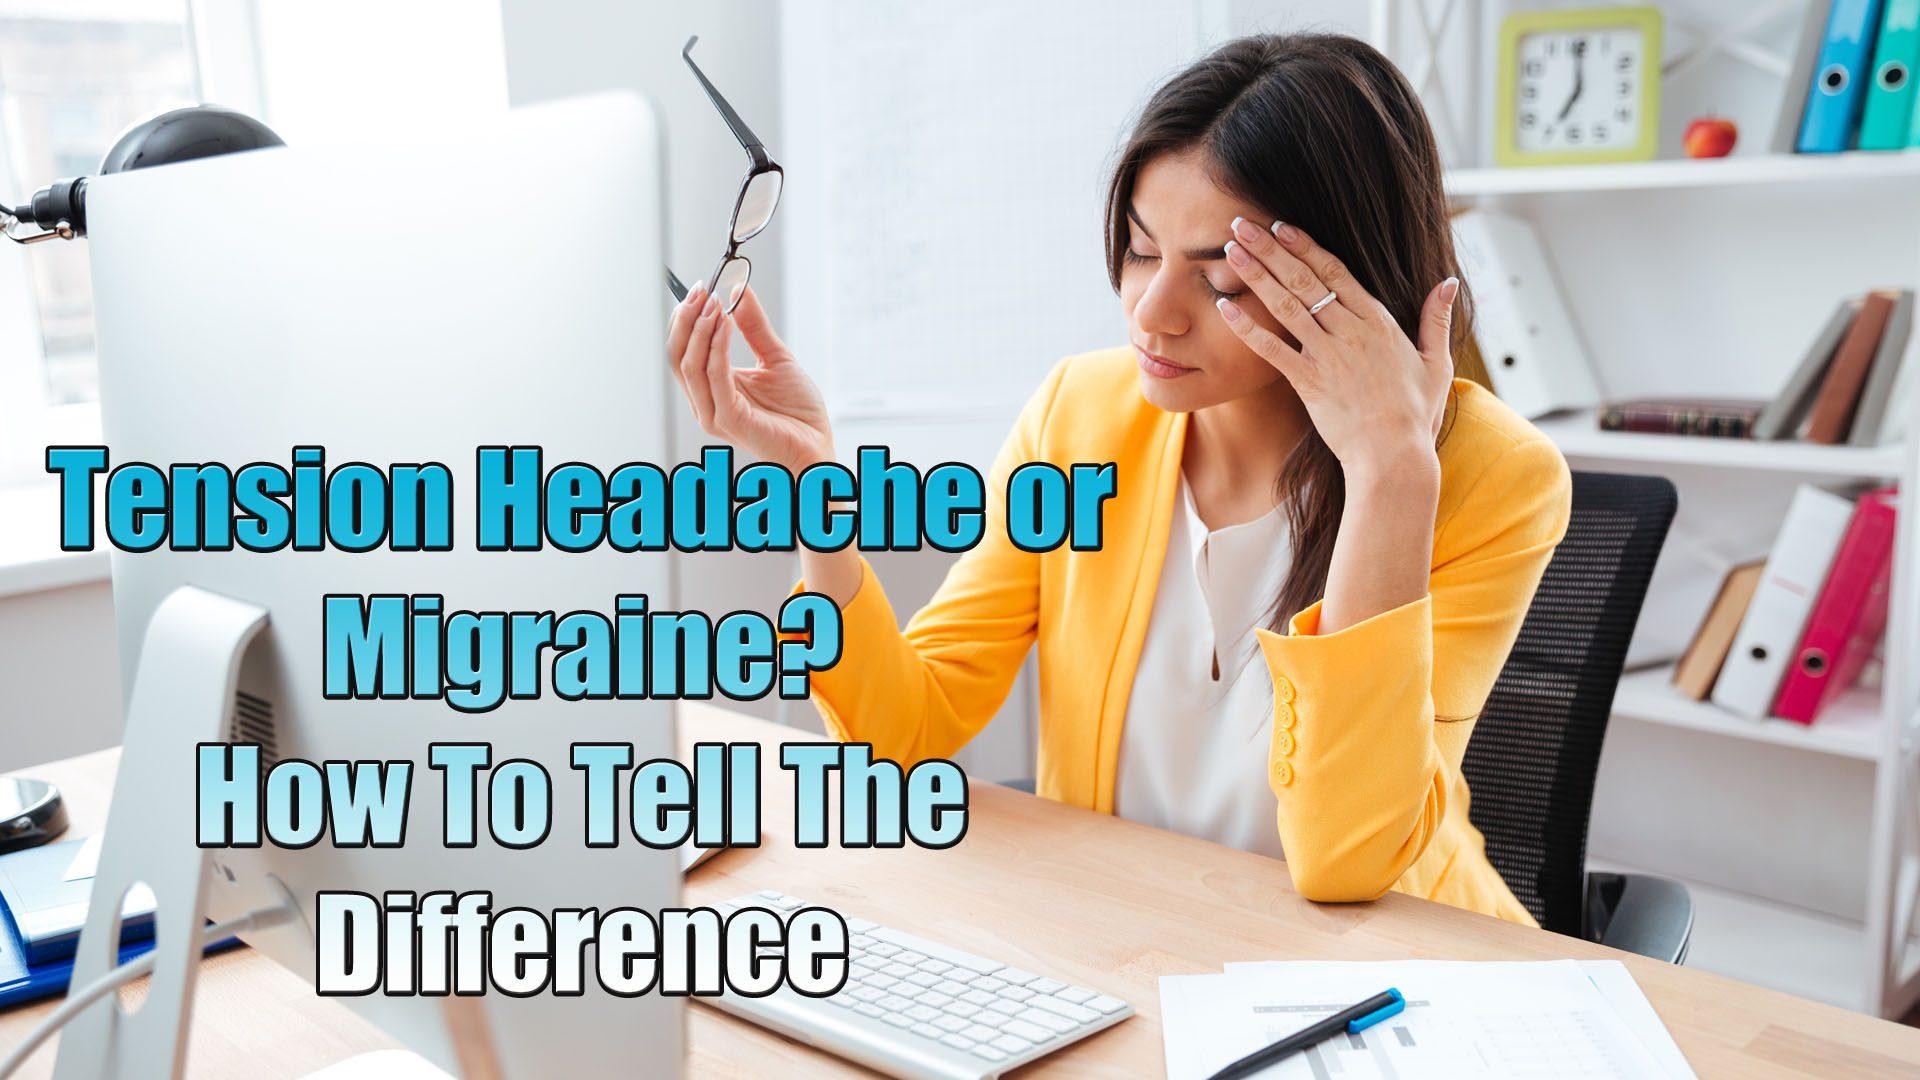 sakit kepala tegang atau migrain bagaimana membedakan el paso tx.